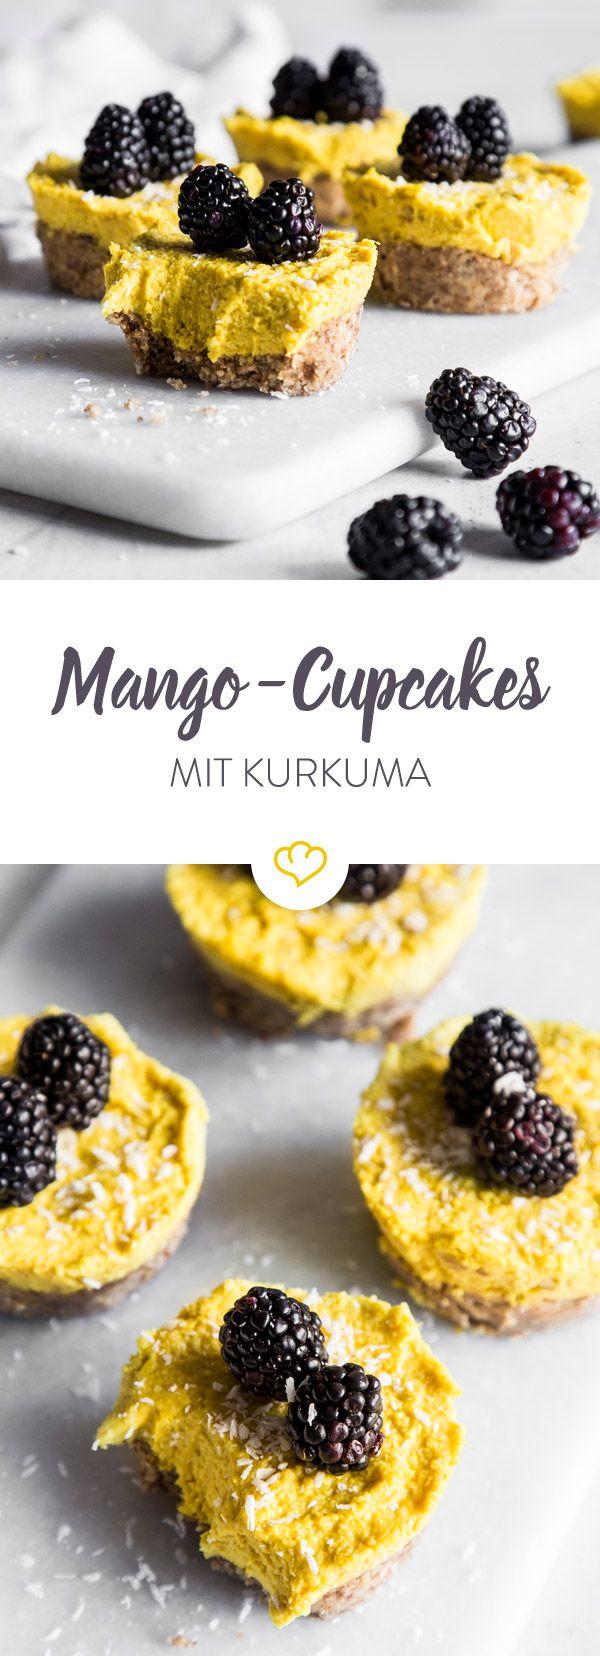 Cupcakes mit kalorienreicher Cremehaube waren gestern - ab heute isst du gesunde Cupcakes ohne schlechtes Gewissen.